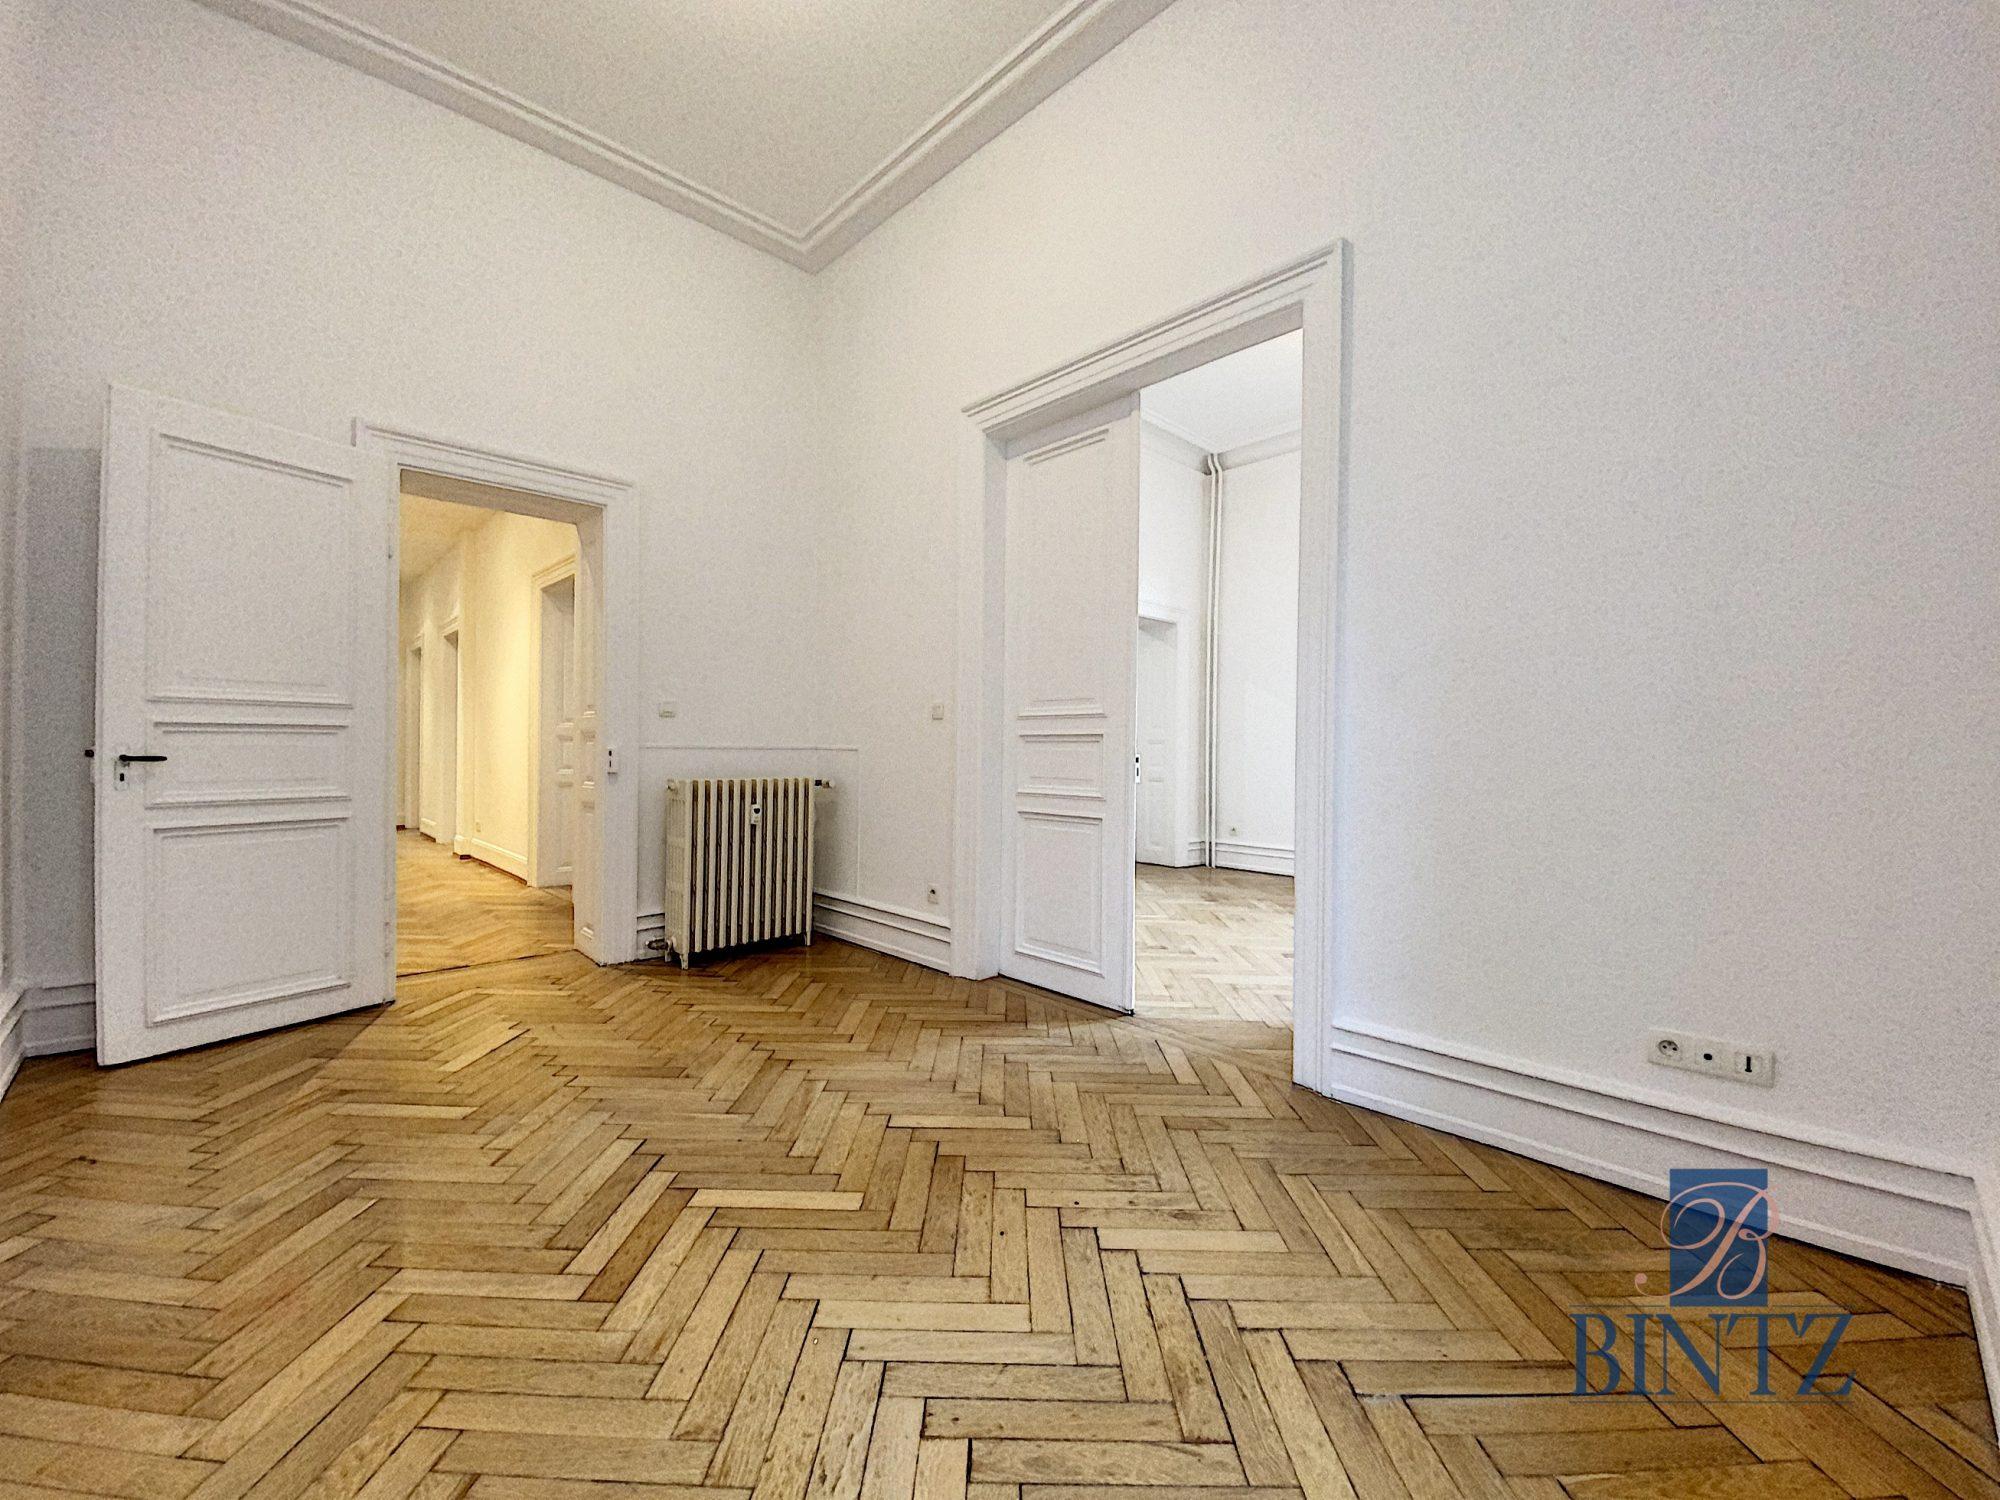 5 pièces rue Wimpheling - Devenez locataire en toute sérénité - Bintz Immobilier - 2